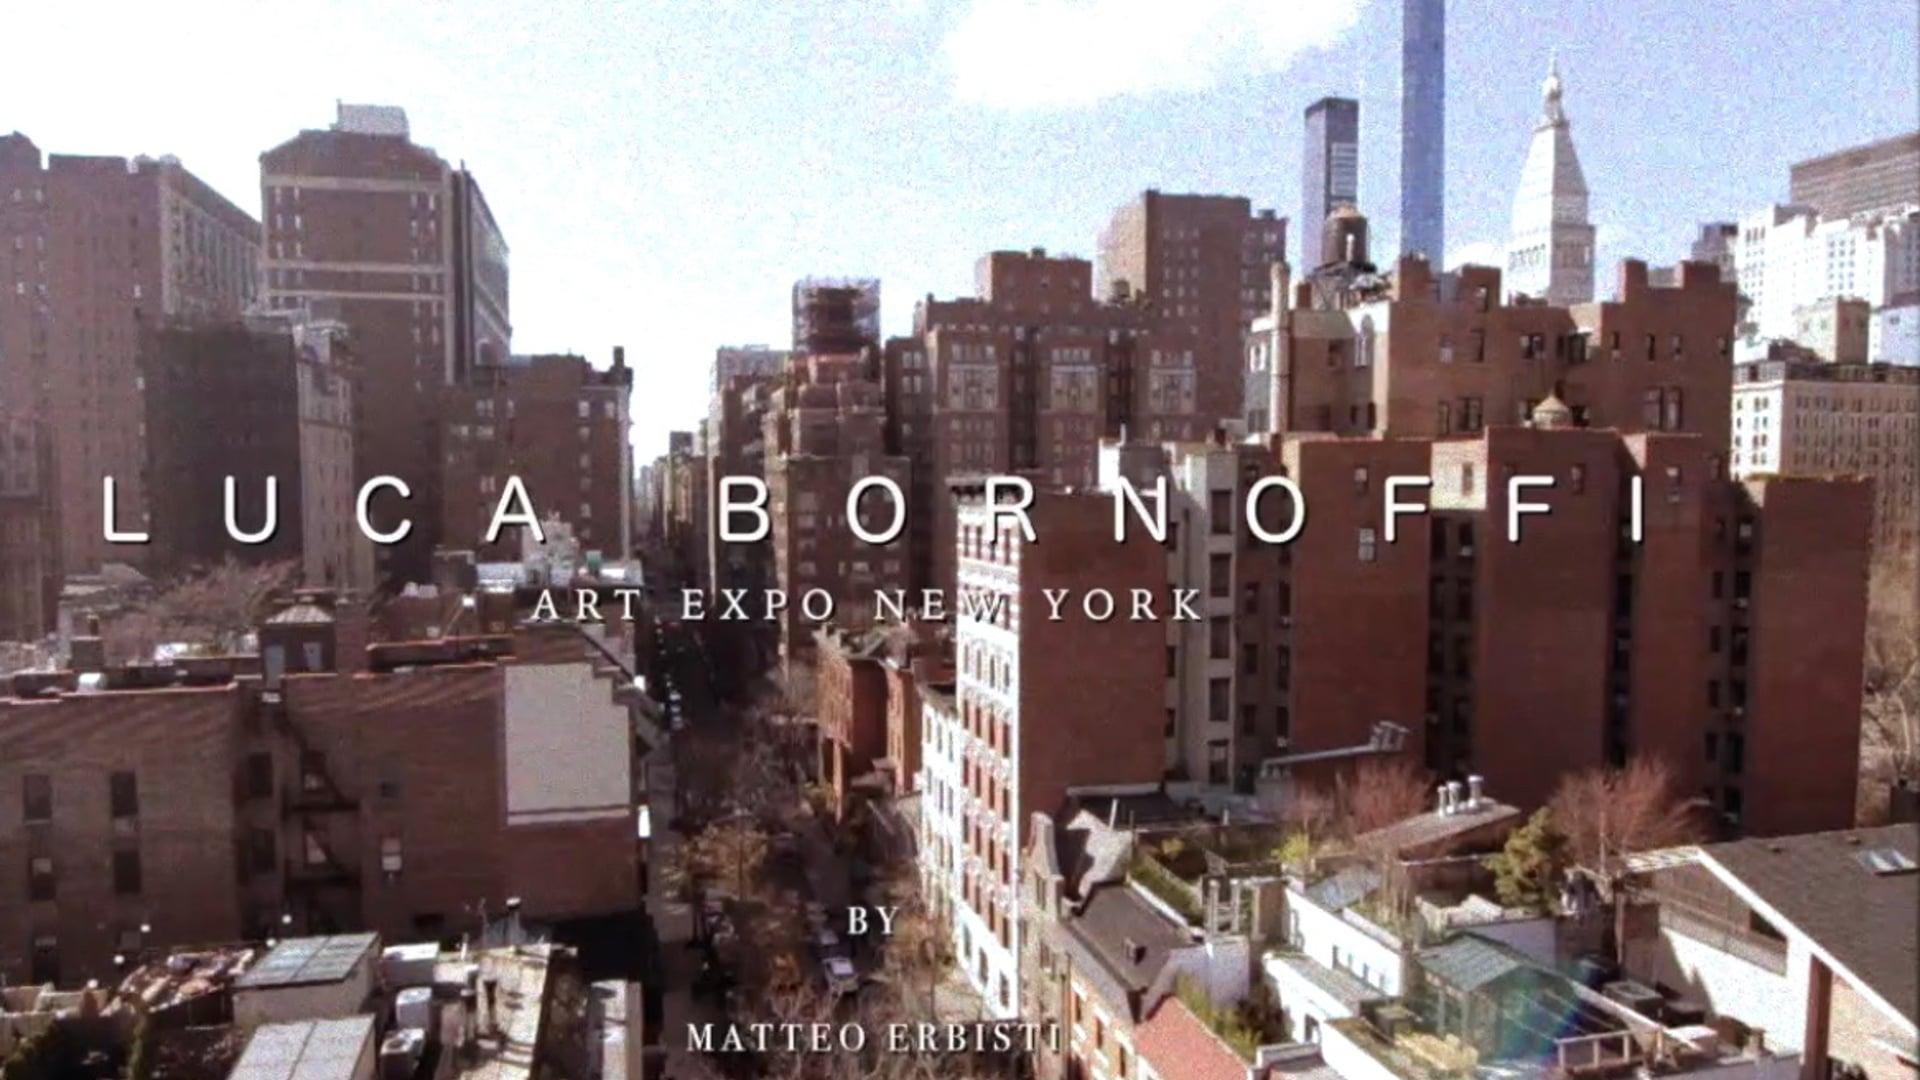 BORNOFFI X NY ART EXPO 2019 // NEW YORK